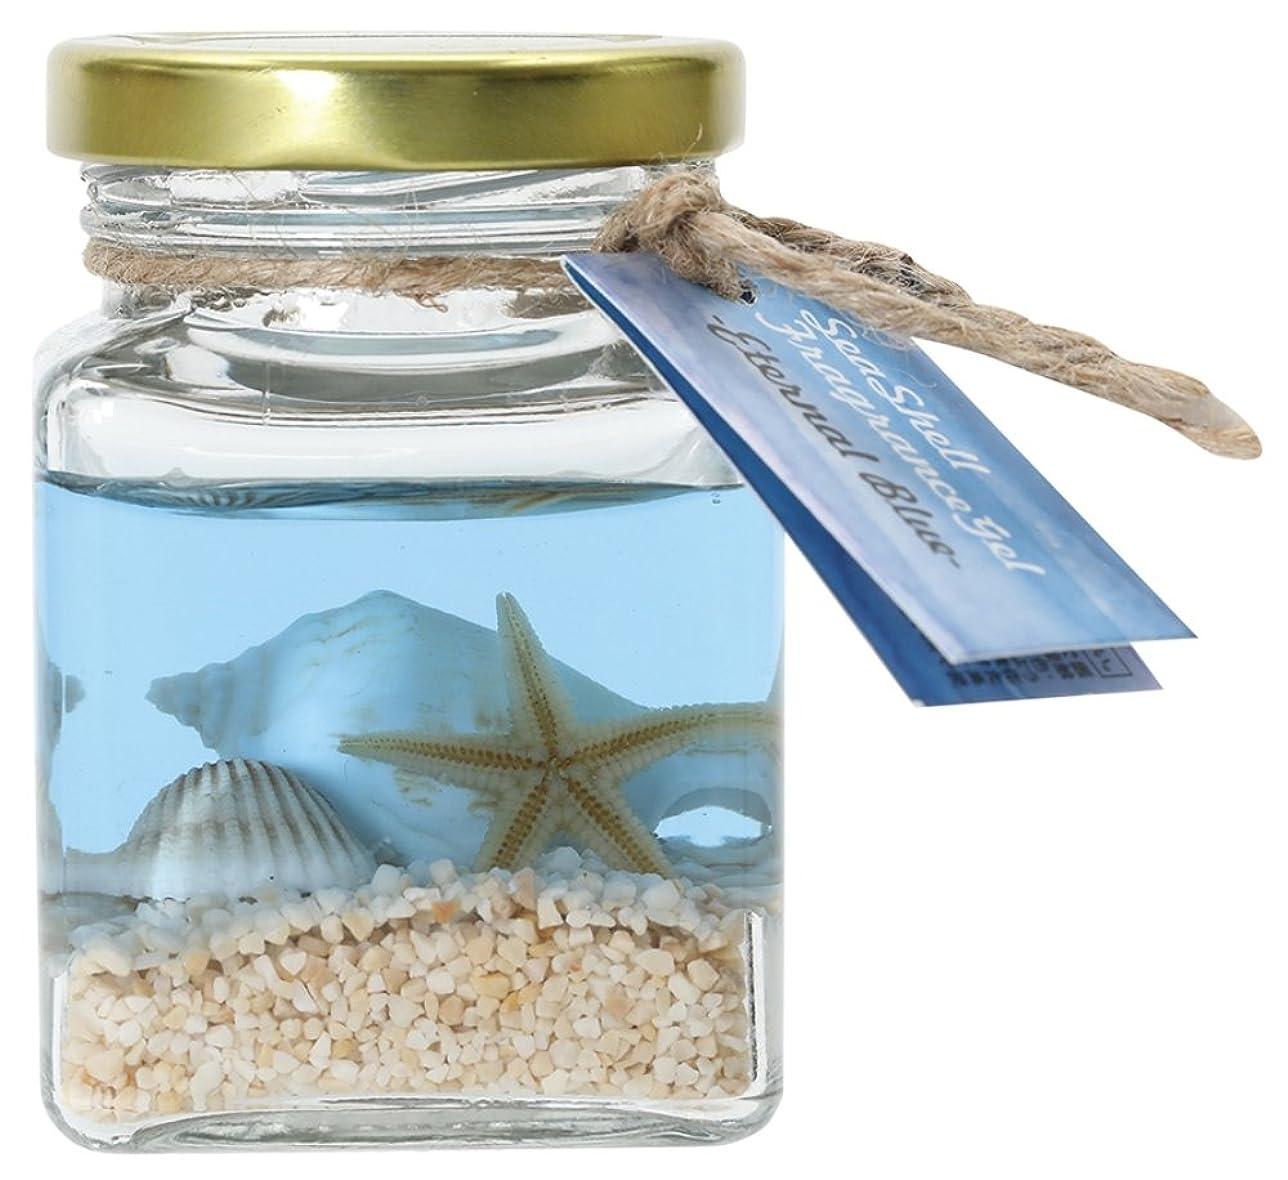 顧問絶え間ない飢えノルコーポレーション ルームフレグランス ジェル シーシェル エターナルブルー の香り OA-SSG-1-4